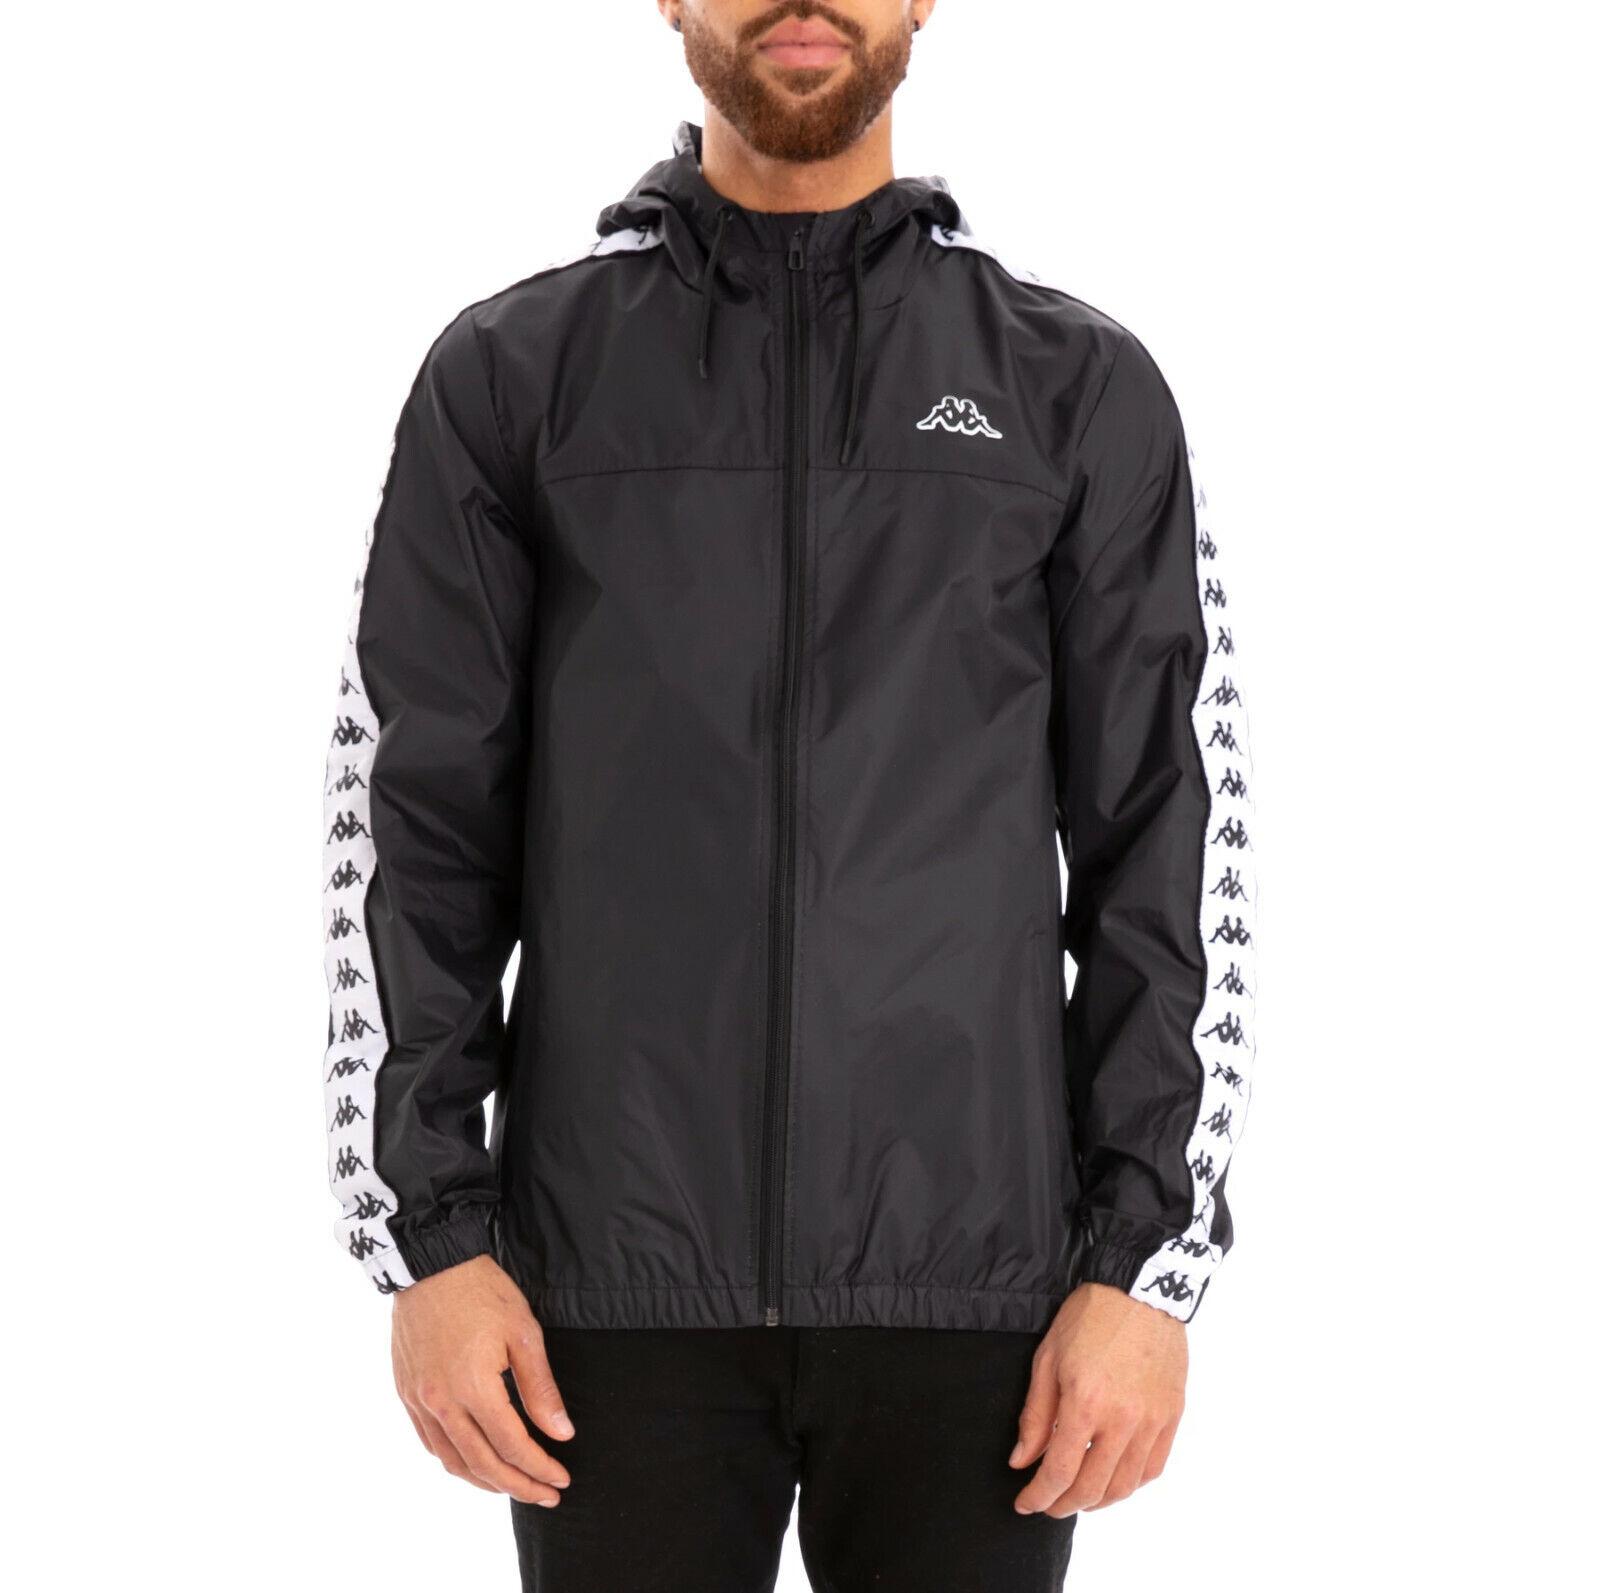 heiß-verkaufende Mode billiger Verkauf neueste trends Herr 901 303WA70 Herren K-Way Windundurchlässig Kappa Jacke ...